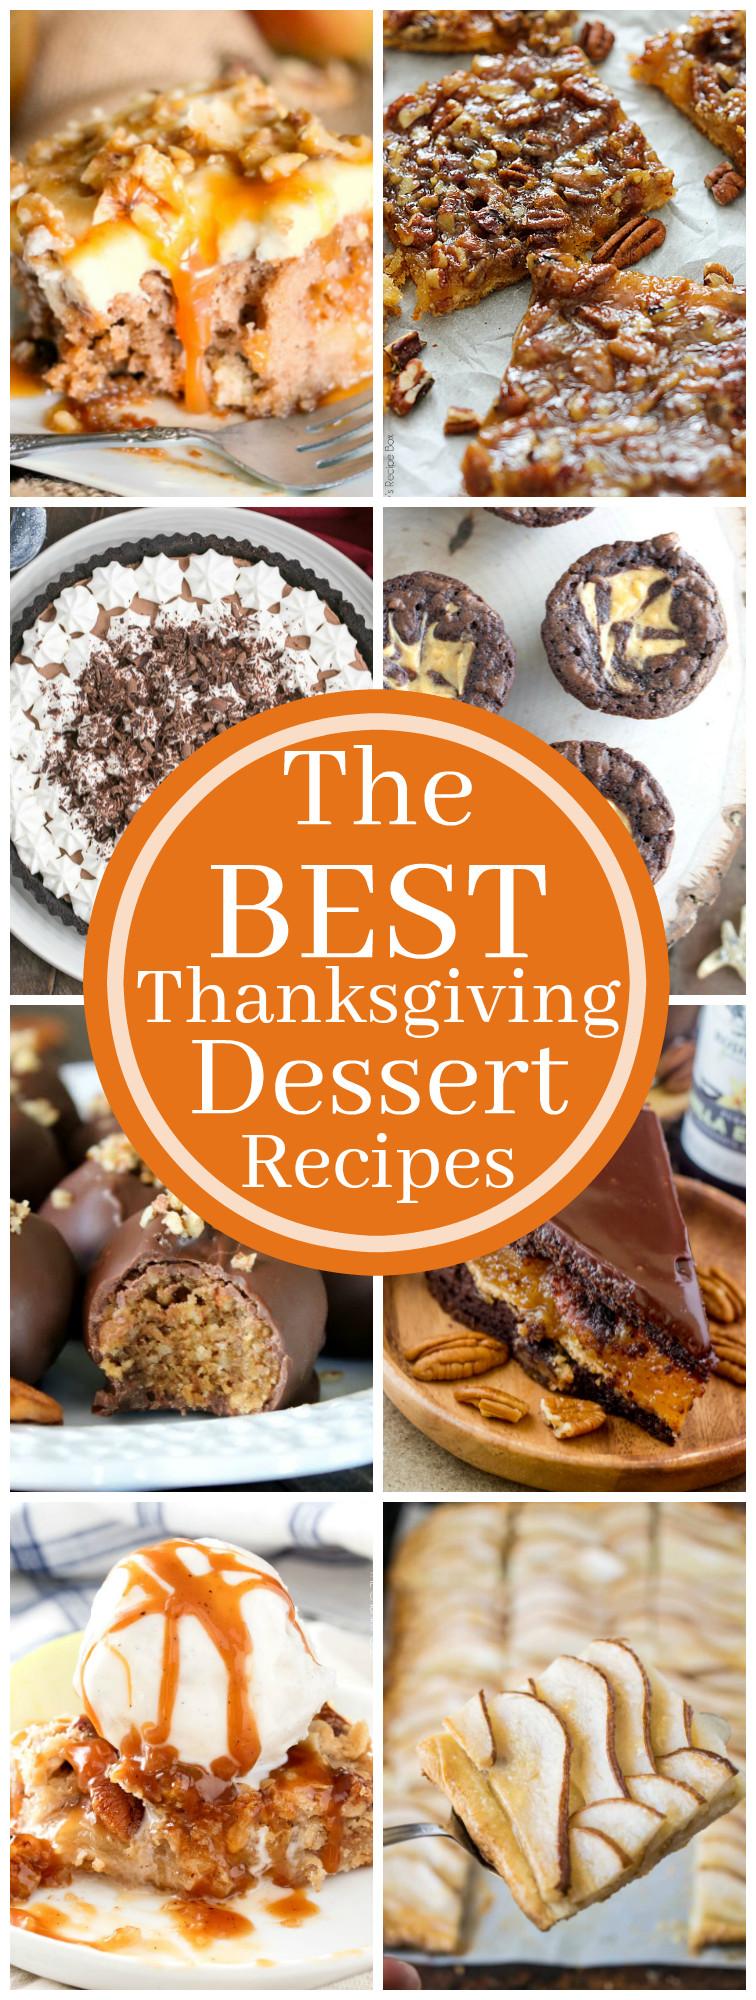 Best Thanksgiving Turkey Recipes  The Best Thanksgiving Dessert Recipes Tornadough Alli